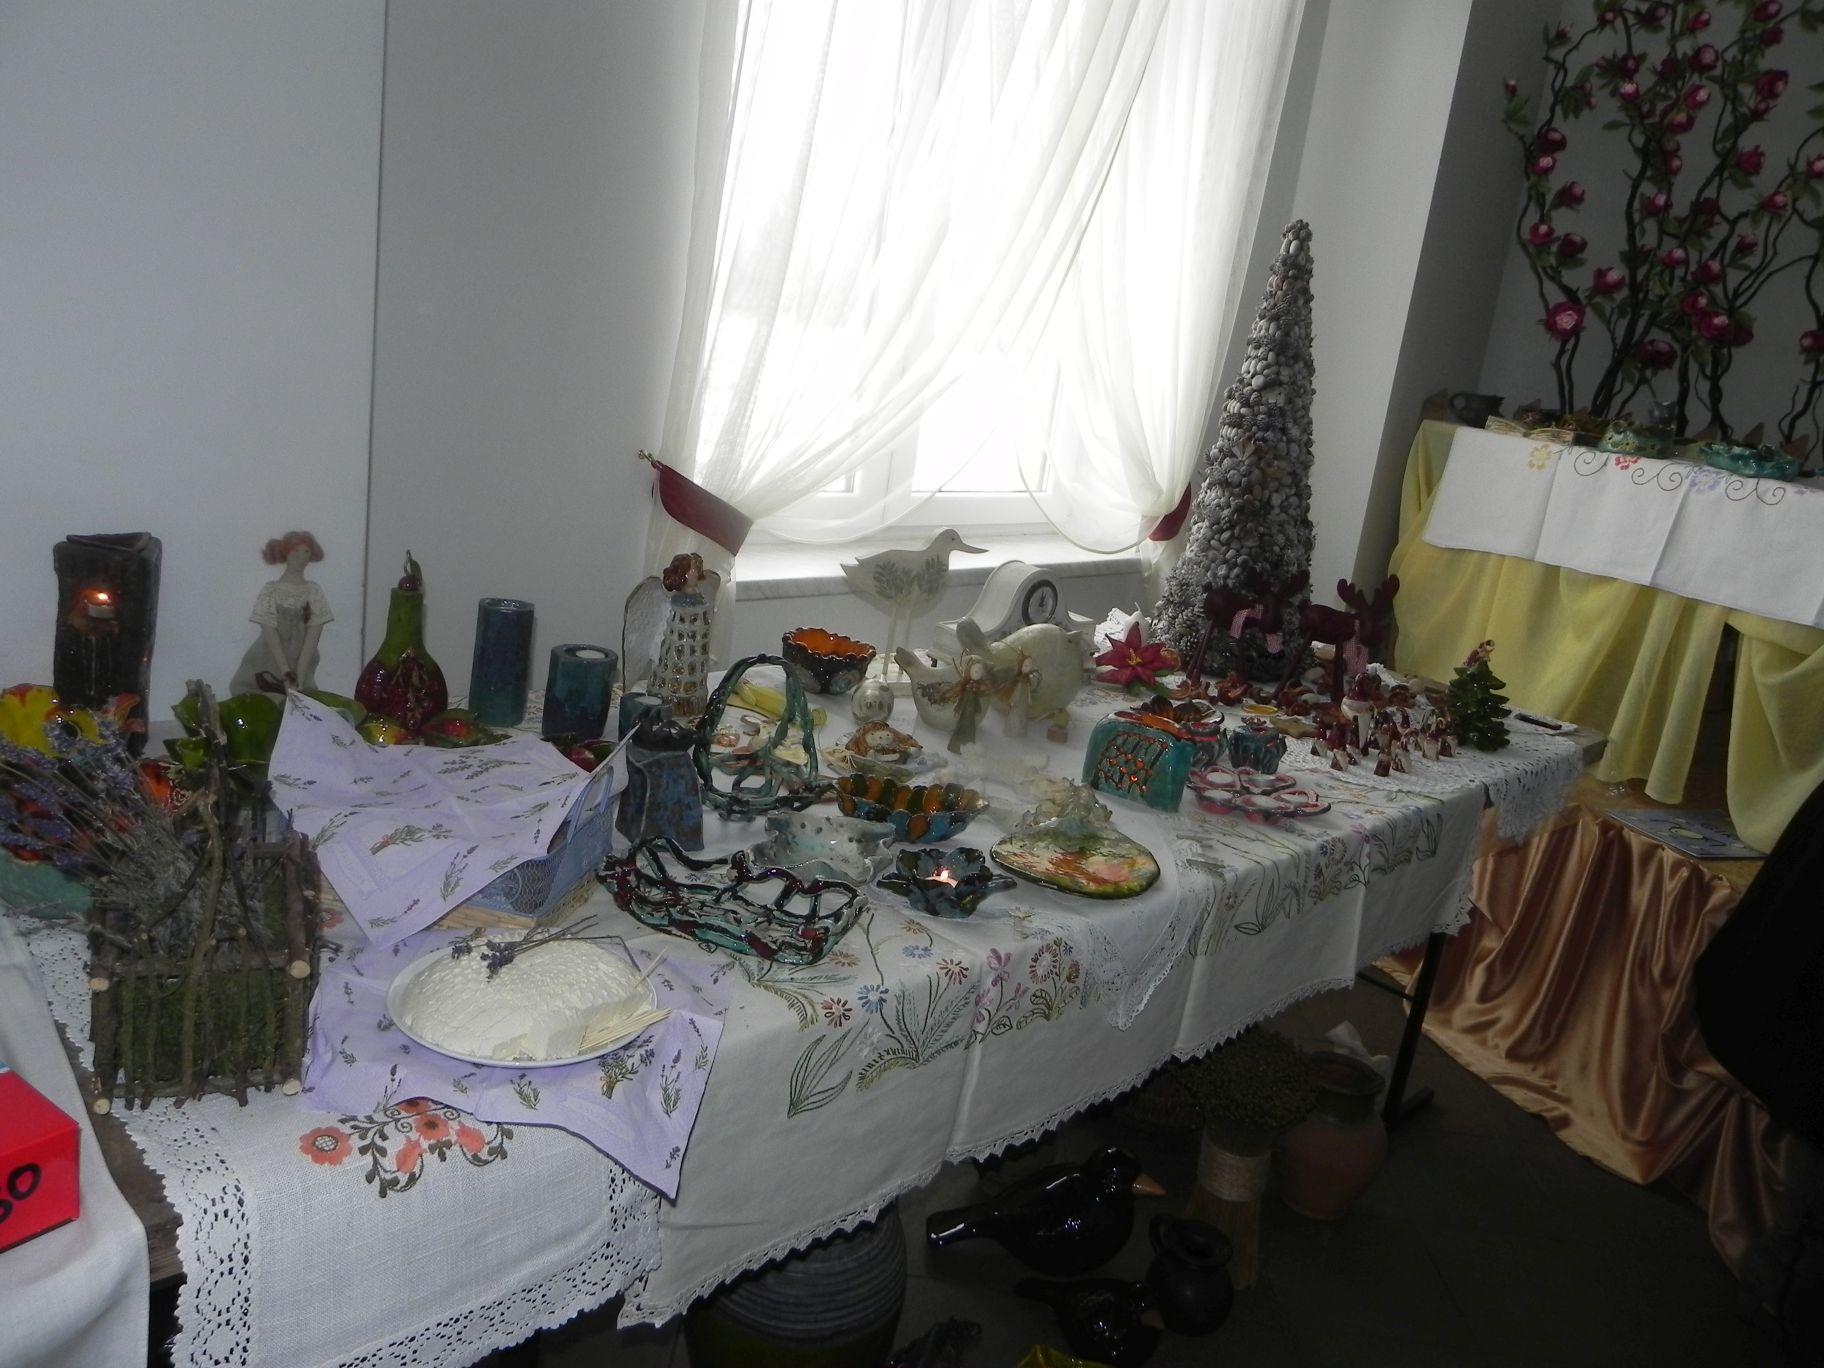 2012-12-14 Wilkowice - Konferencja Wioski tematyczne (28)